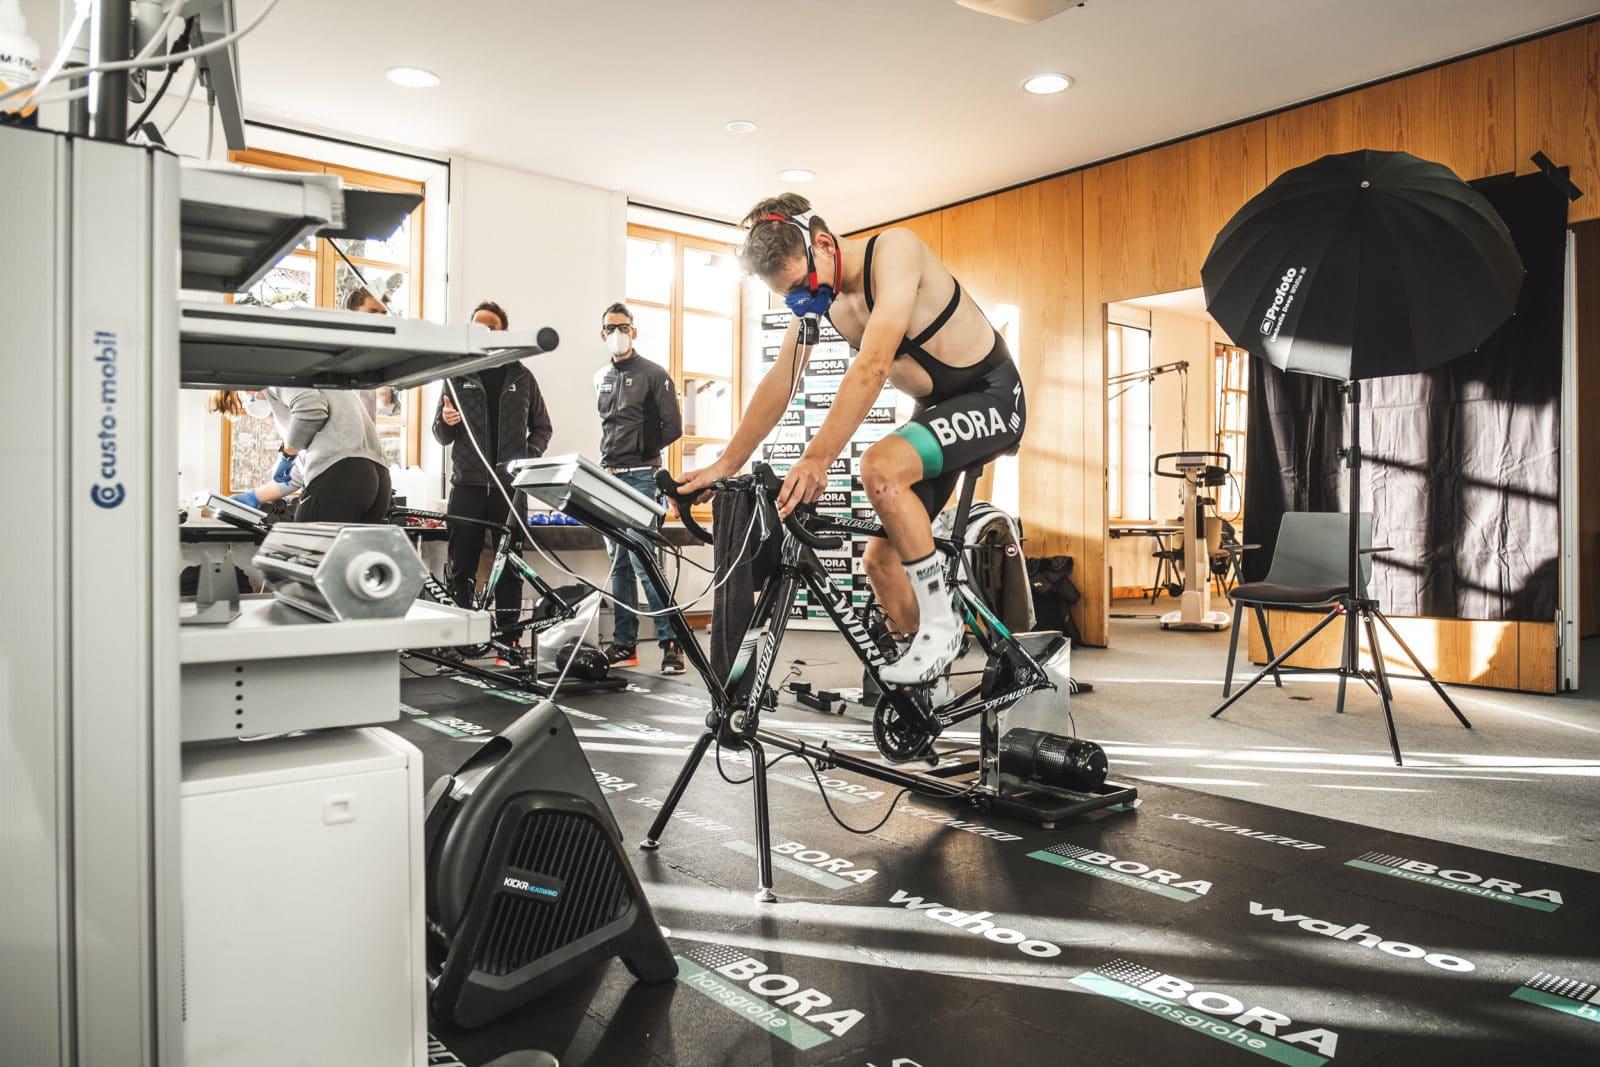 Radsportlers simuliert Radfahrt auf Ergometer um seine Leistung zu überprüfen